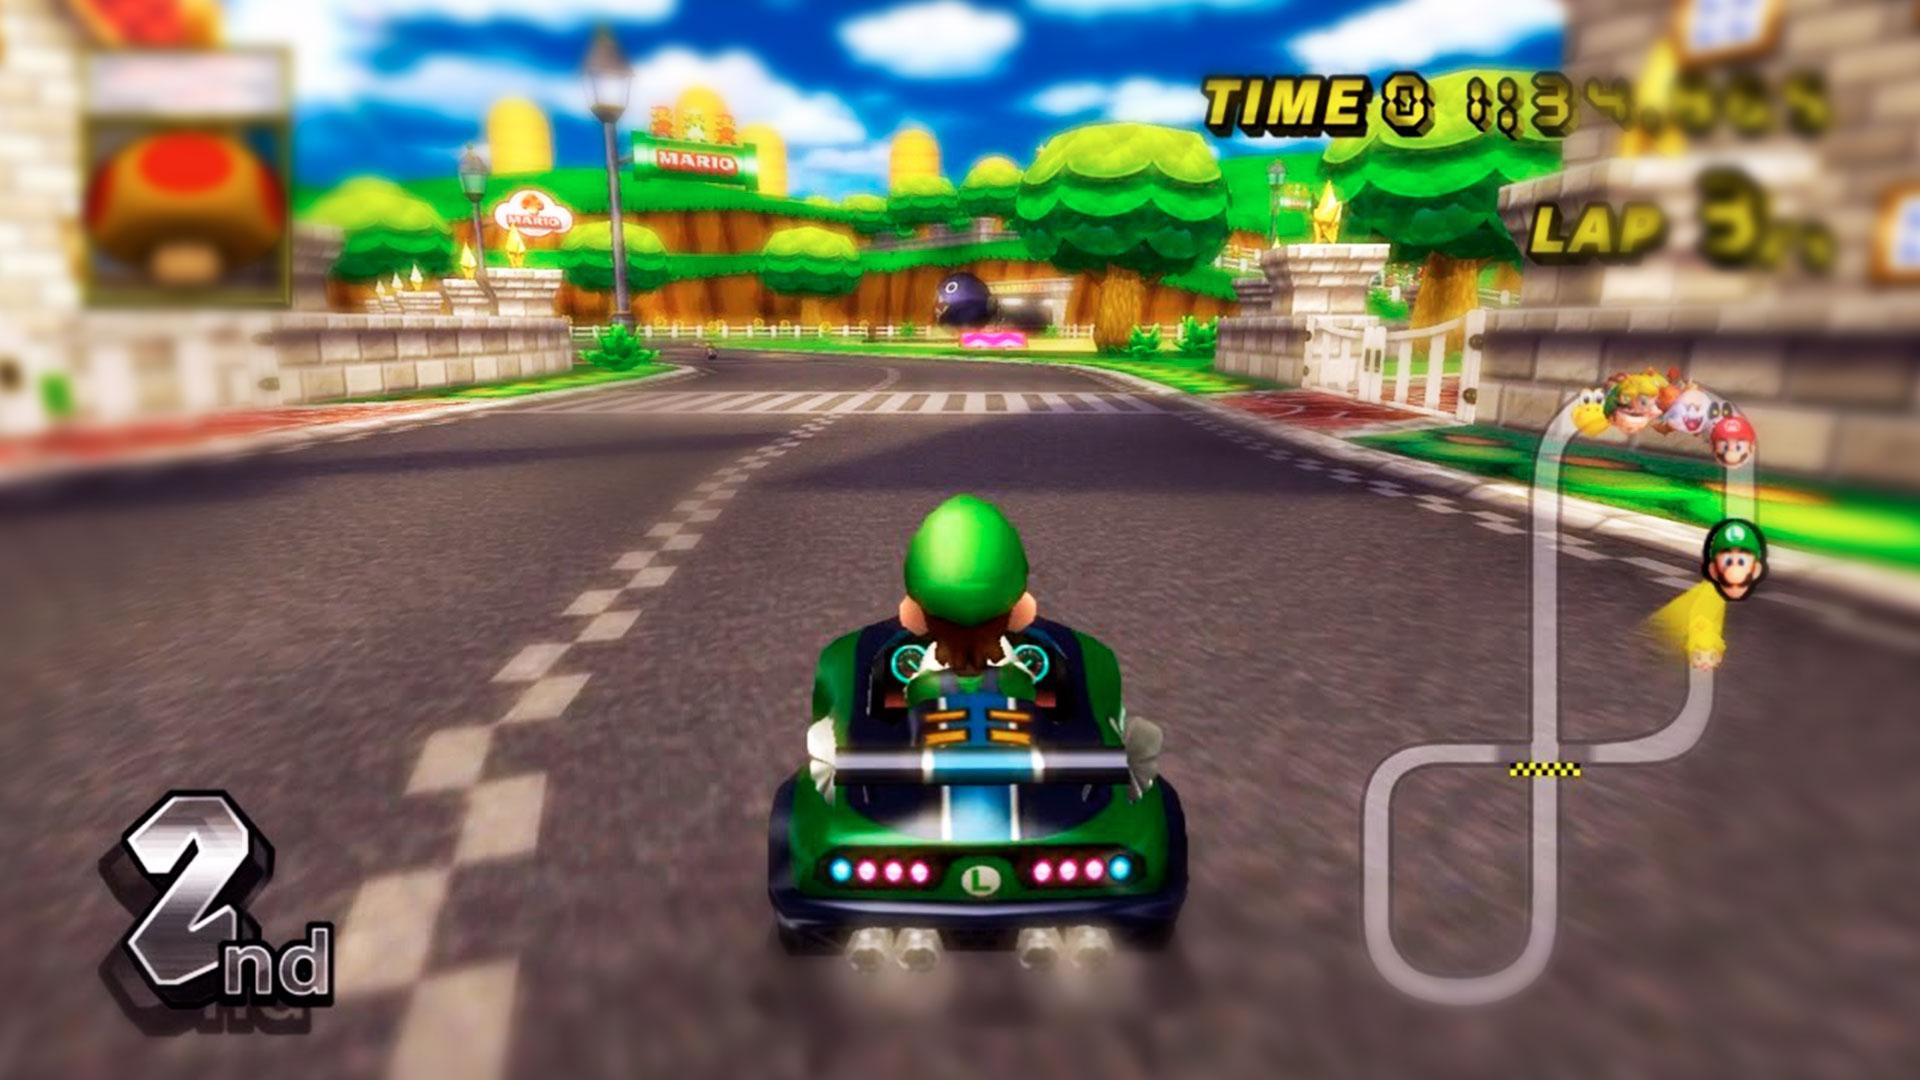 Mario Kart Wii одна из самых продаваемых игр